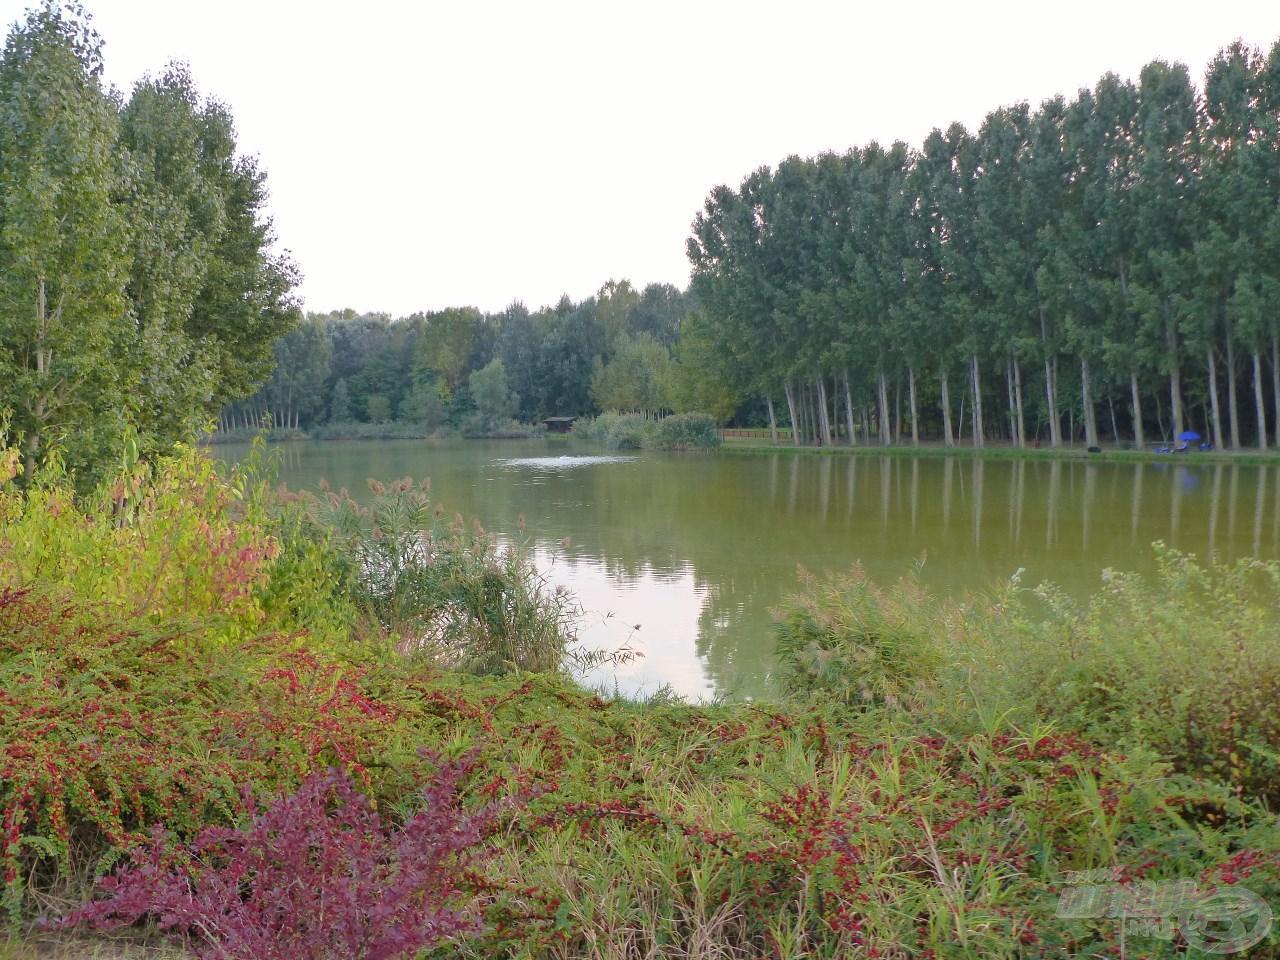 Nem mindennapi hangulatot ad a horgászatnak, hogy a tavat egy kis erdő övezi